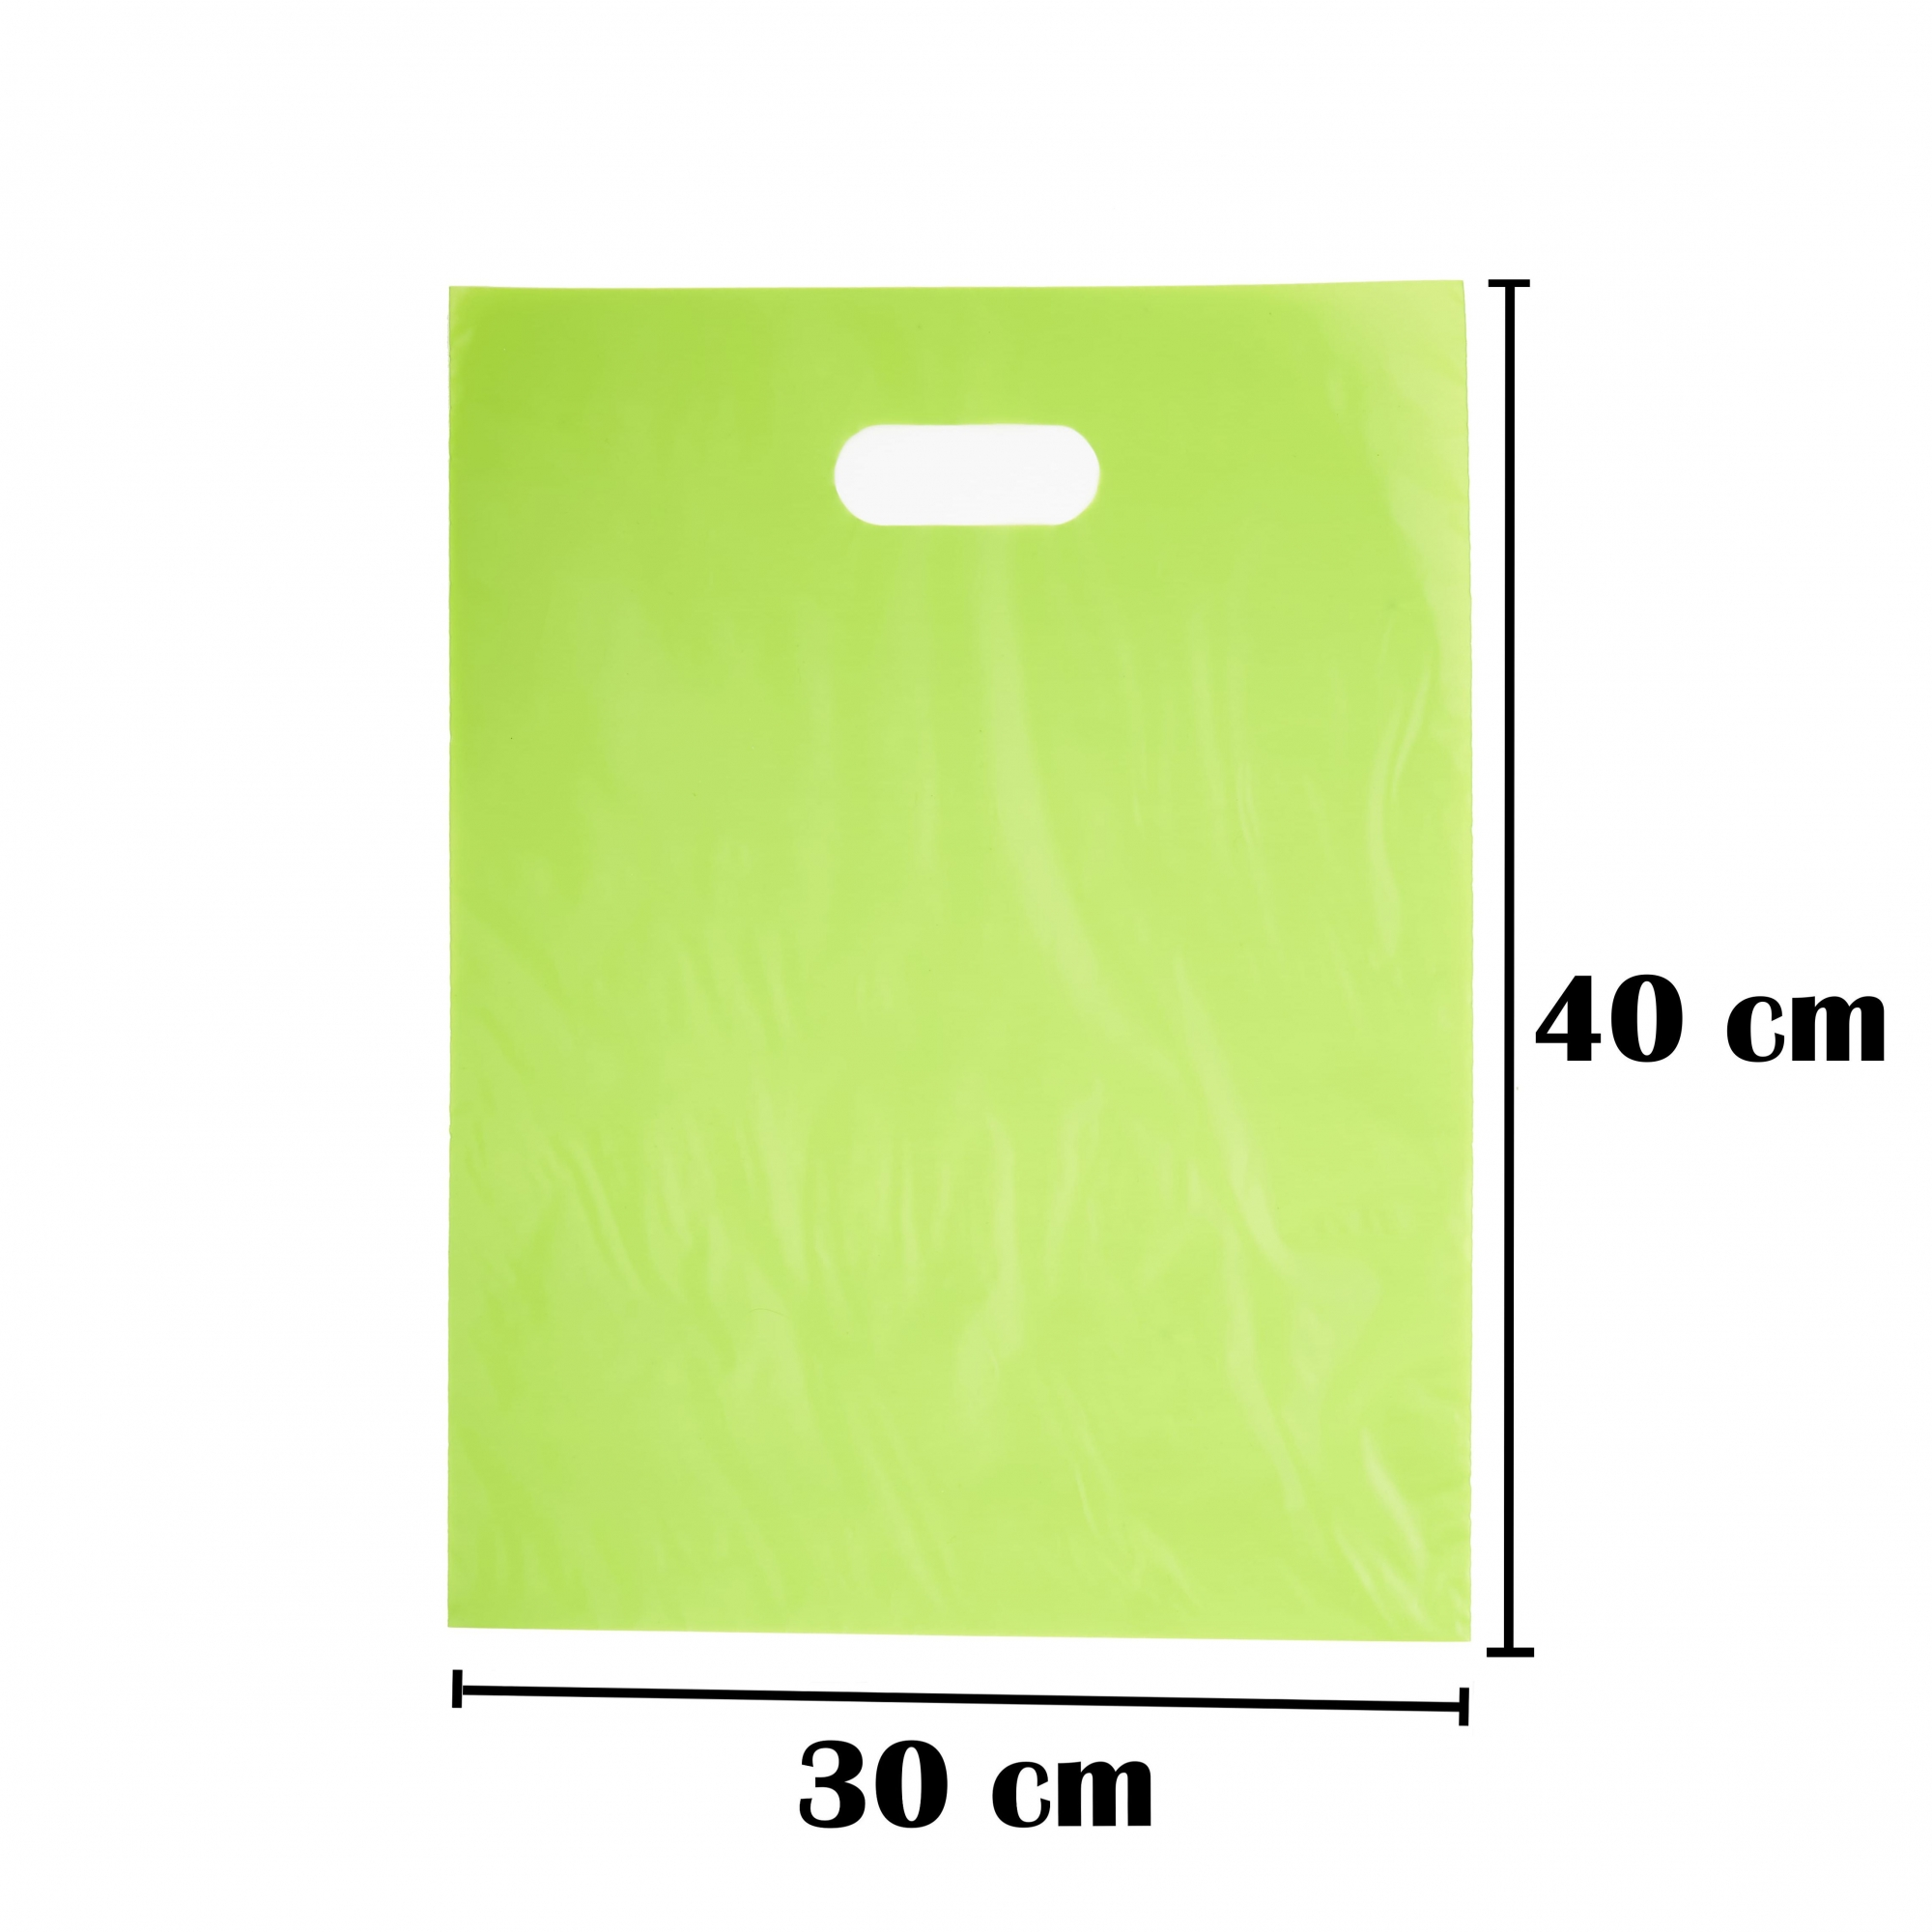 Sacola Plástica 30x40 Verde Alça Boca de Palhaço 500 Unidades